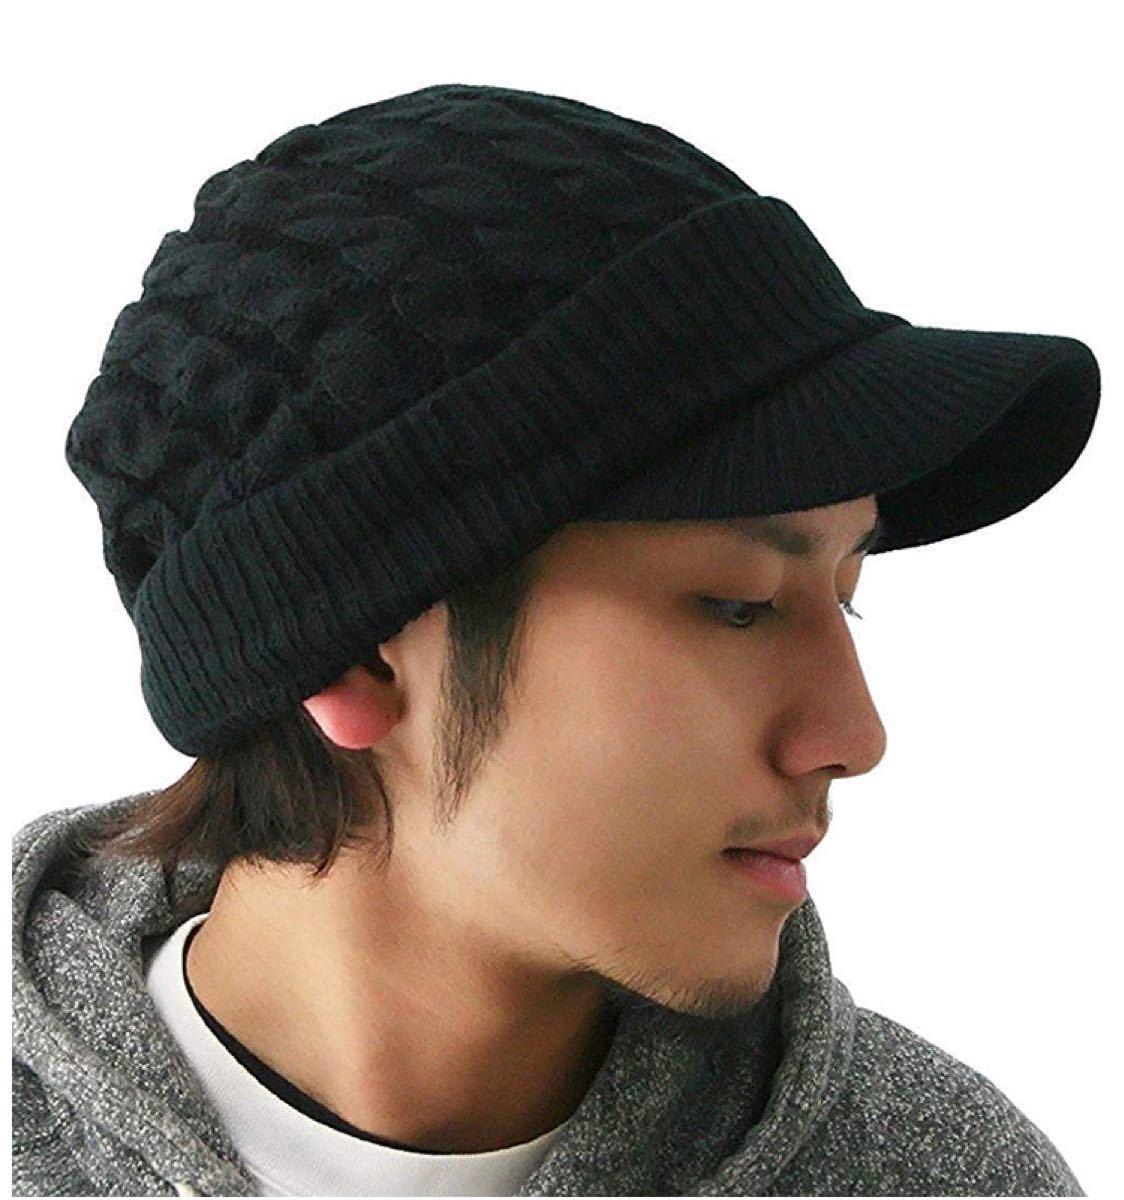 ニット帽 ニットキャップ ニットCAP ツバ付き ジープキャップ 黒 男女兼用 キャスケット ビーニー おしゃれ 帽子 ブラック